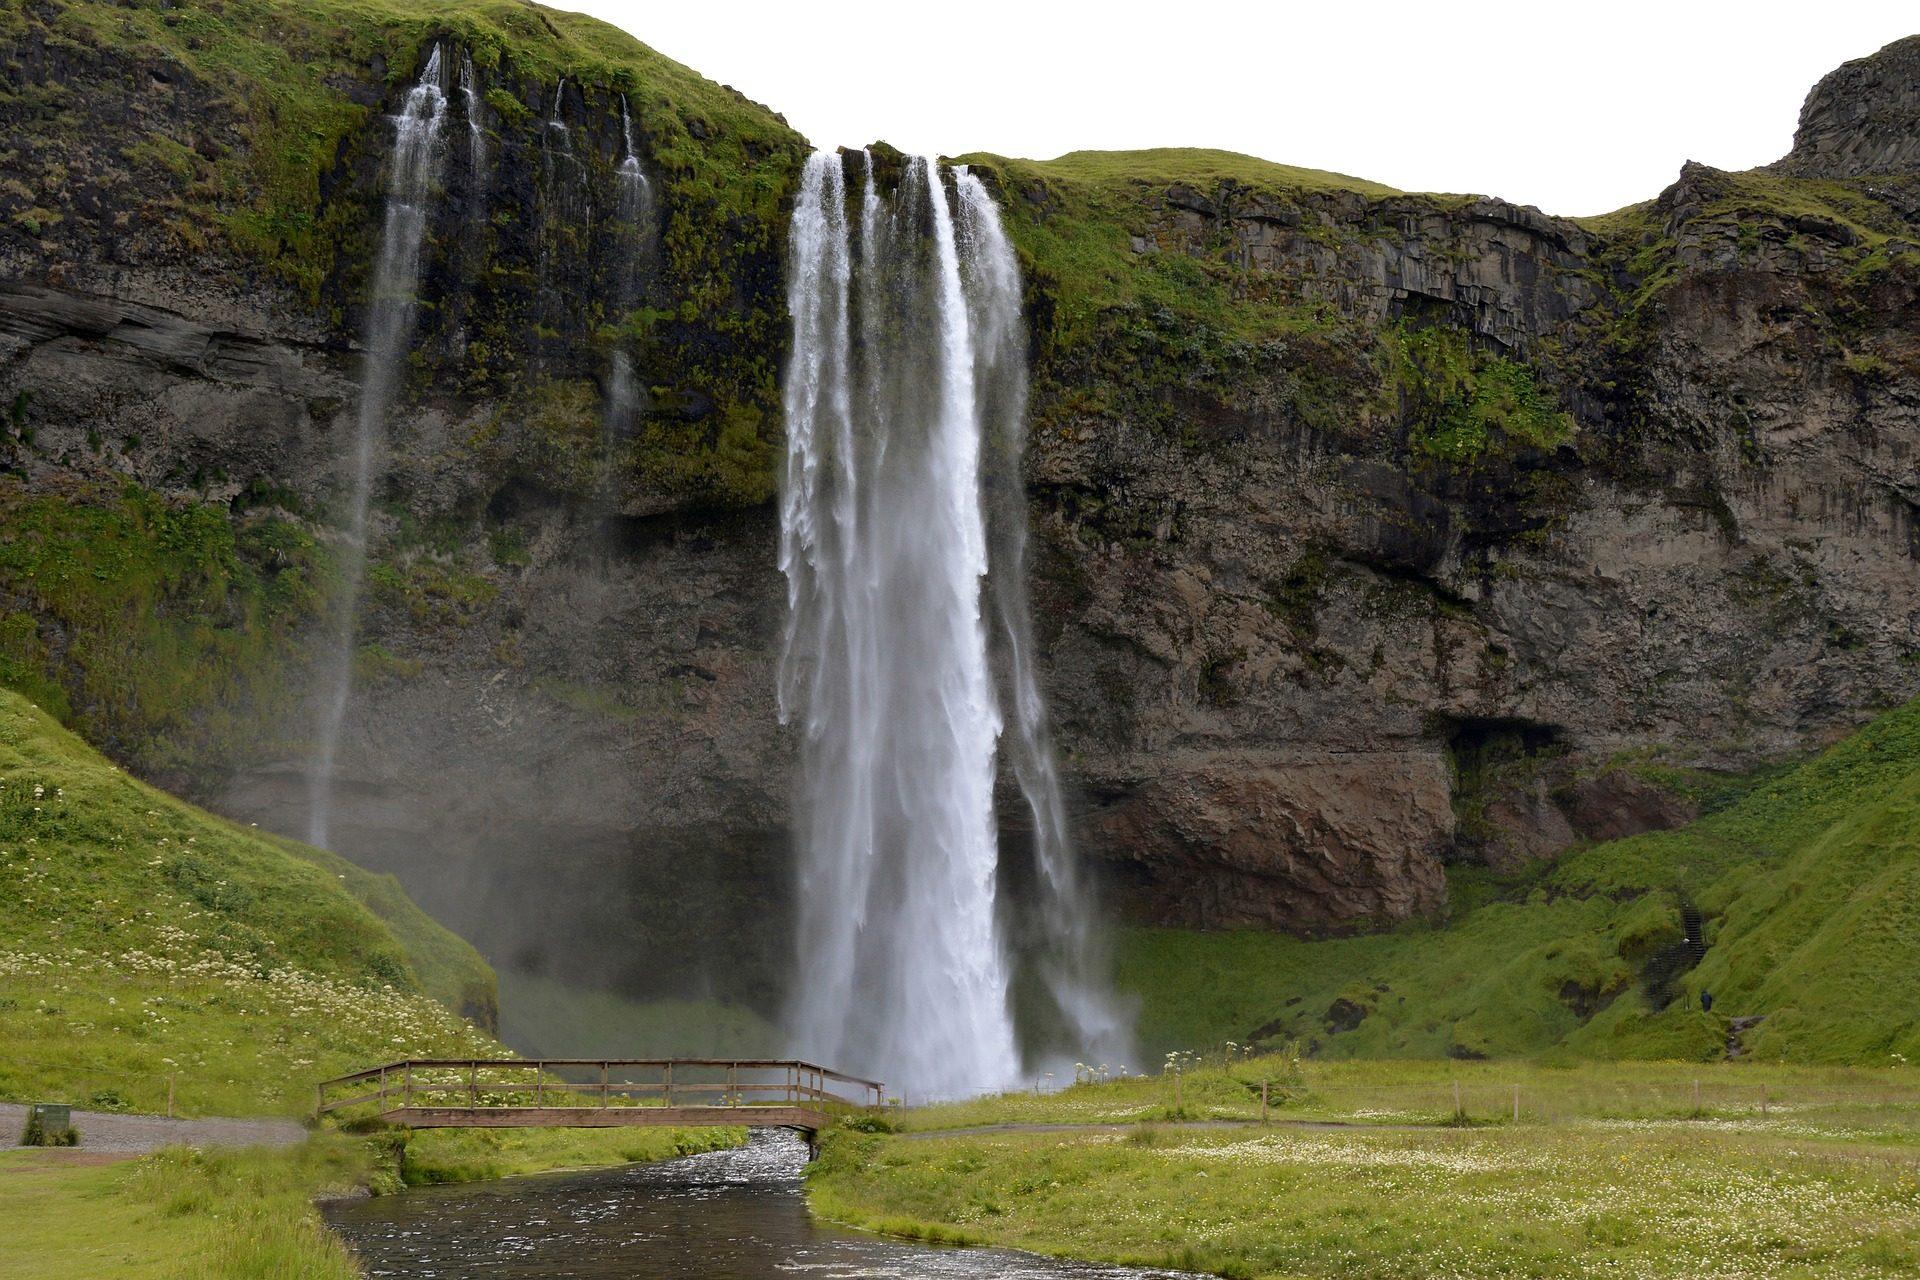 شلال, شلالات, الجبل, المياه, سيلجالانداسفوس, أيسلندا - خلفيات عالية الدقة - أستاذ falken.com